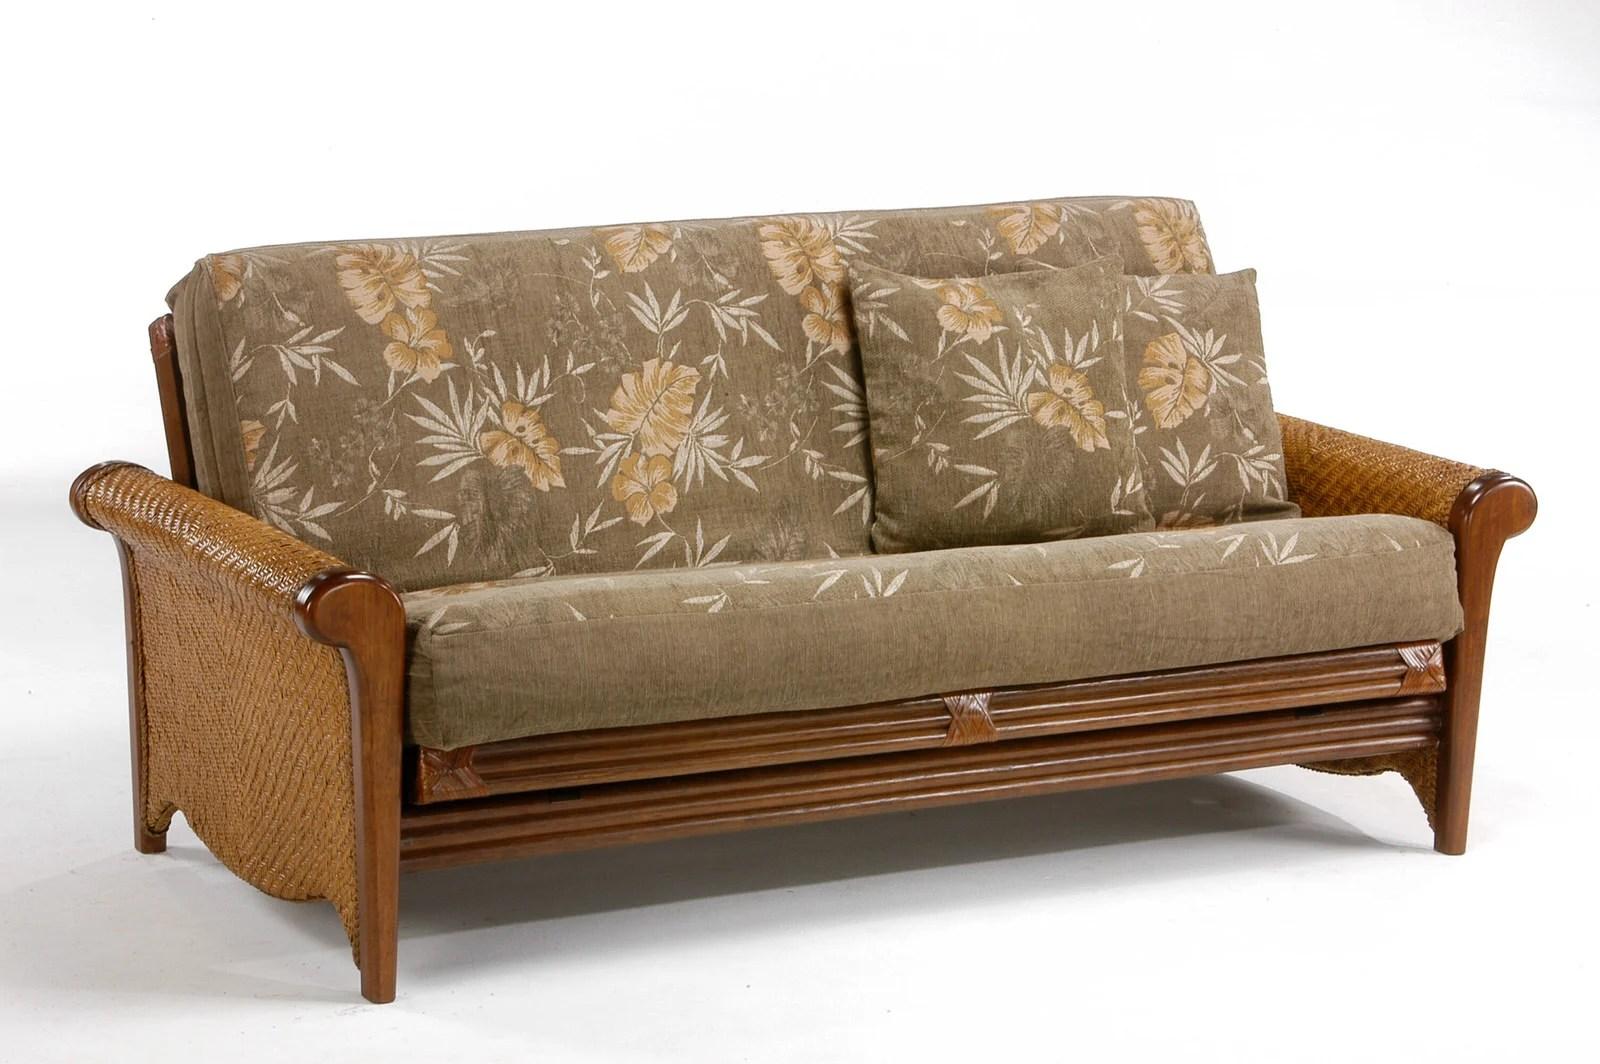 Rosebud Rattan Futon Frame By NightampDay Furniture